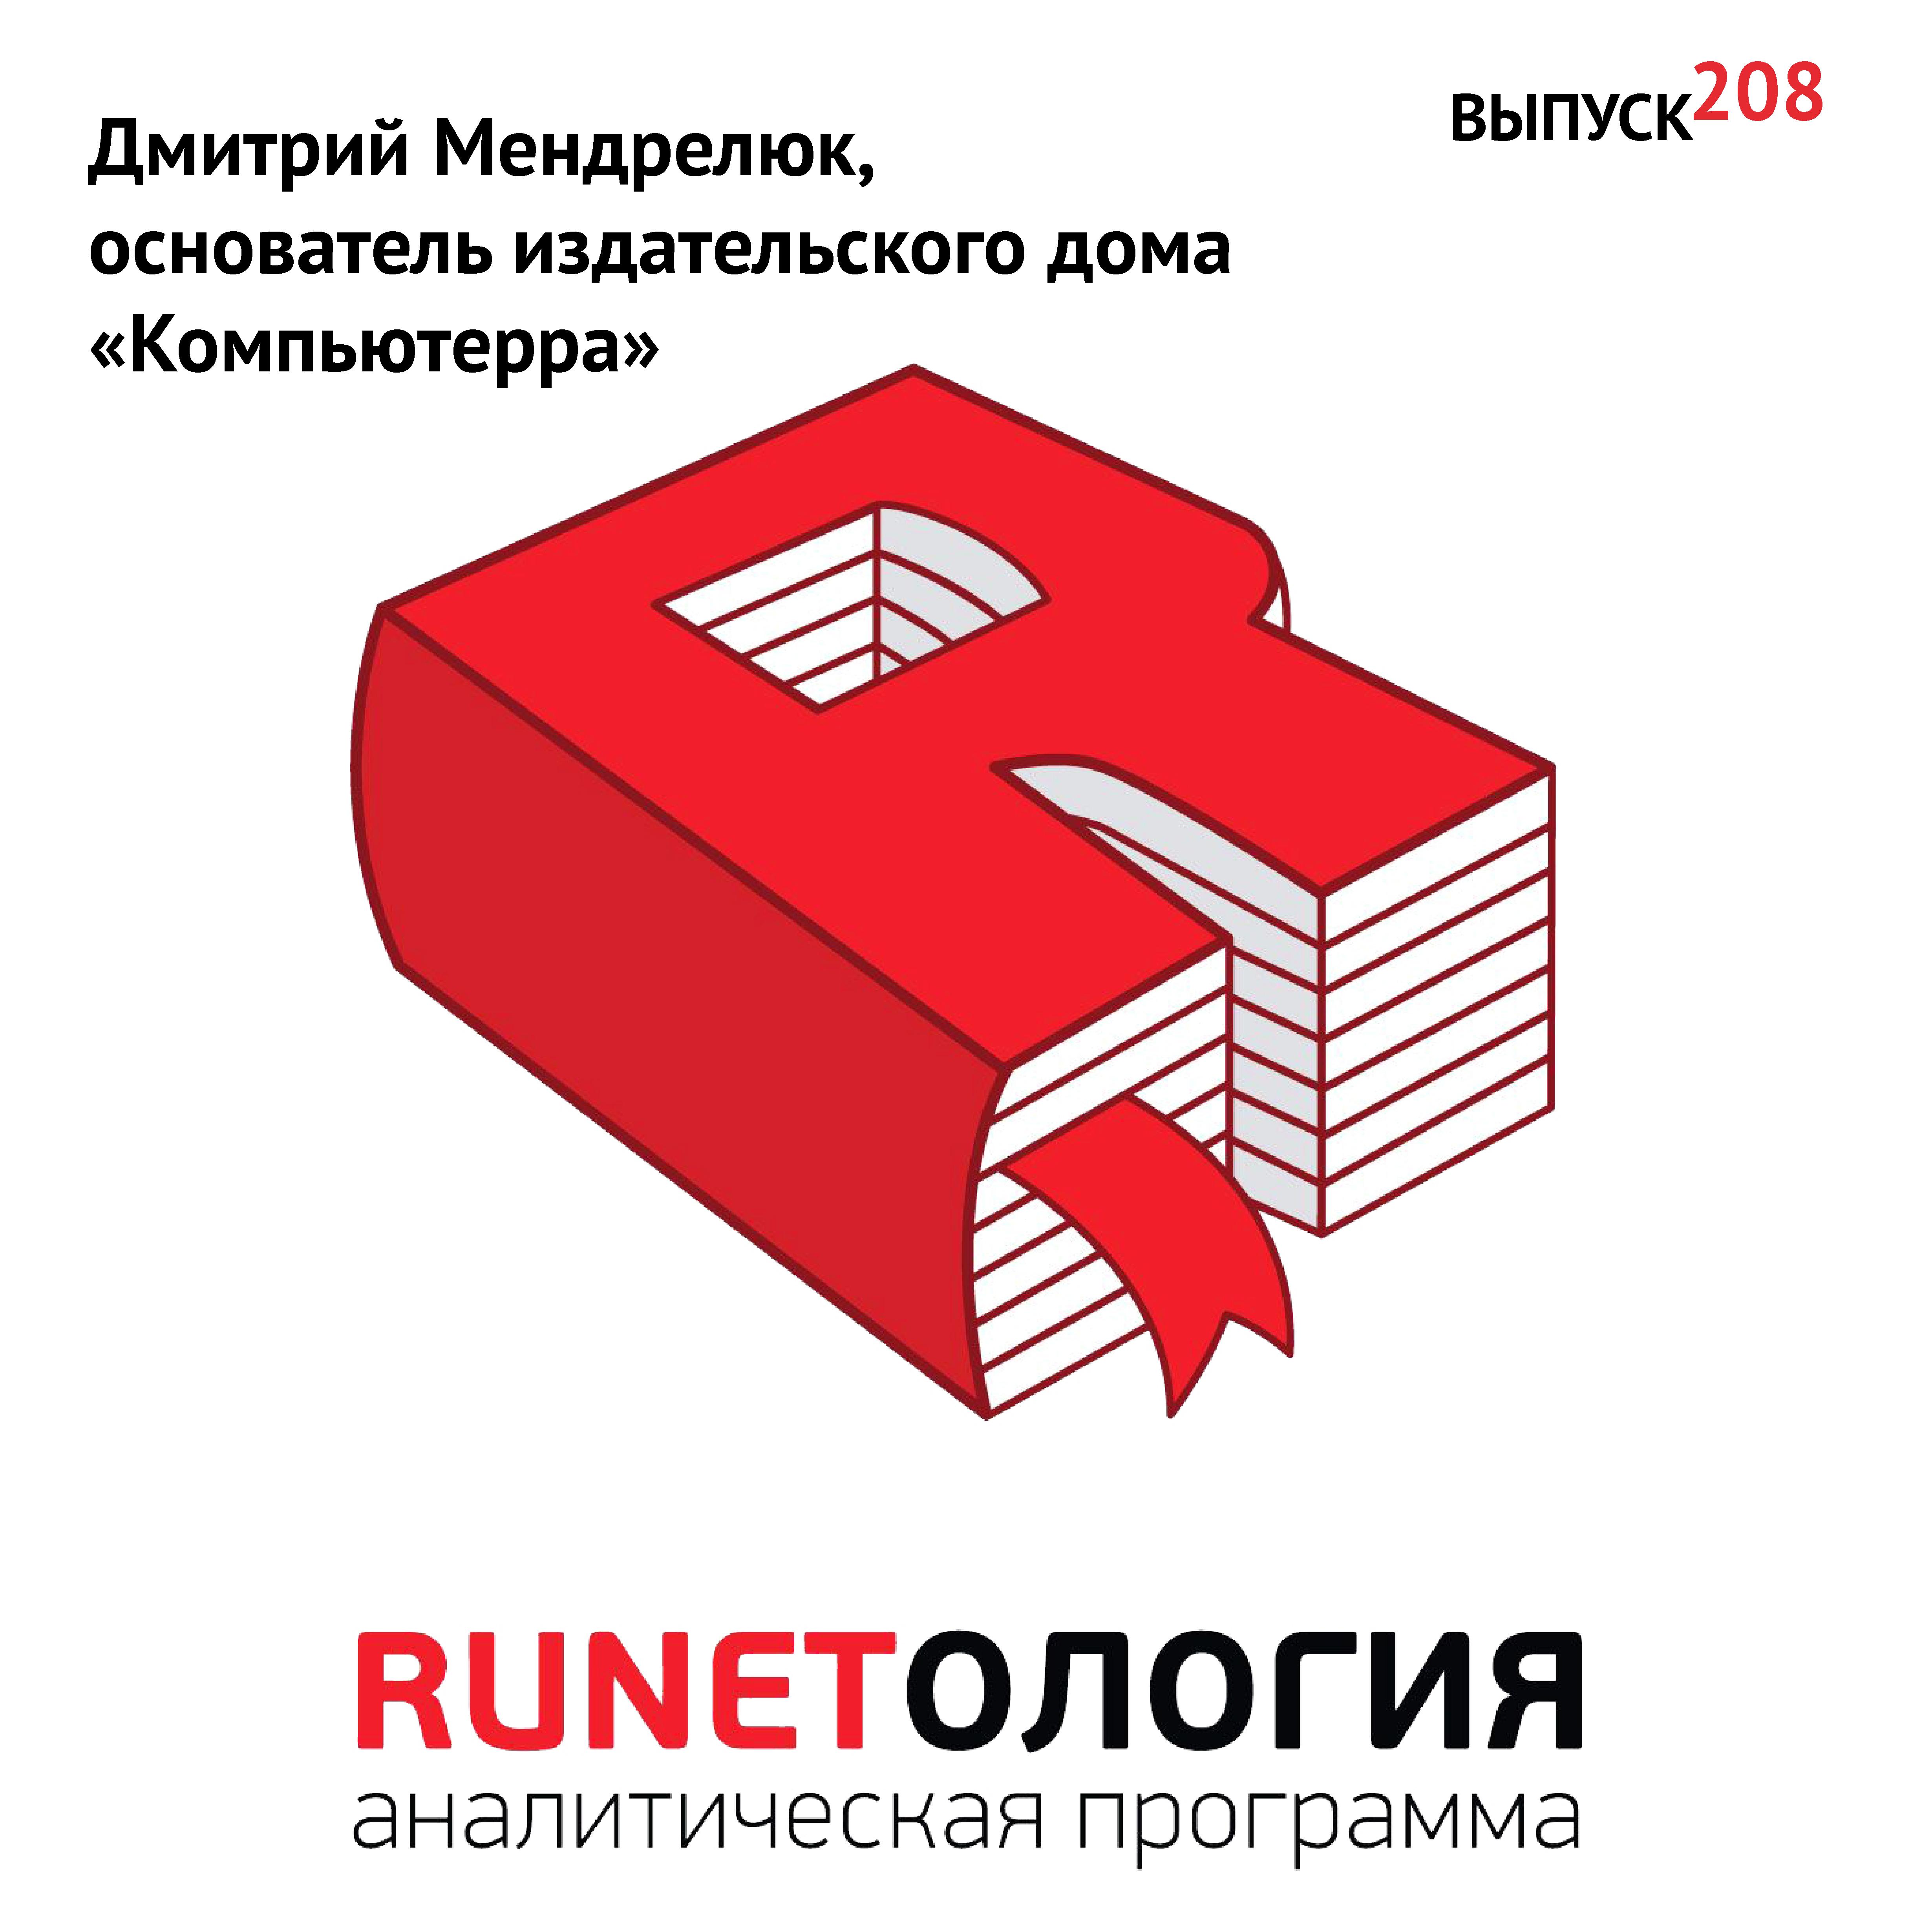 Максим Спиридонов Дмитрий Мендрелюк, основатель издательского дома «Компьютерра» максим спиридонов виктор кислый основатель wargaming